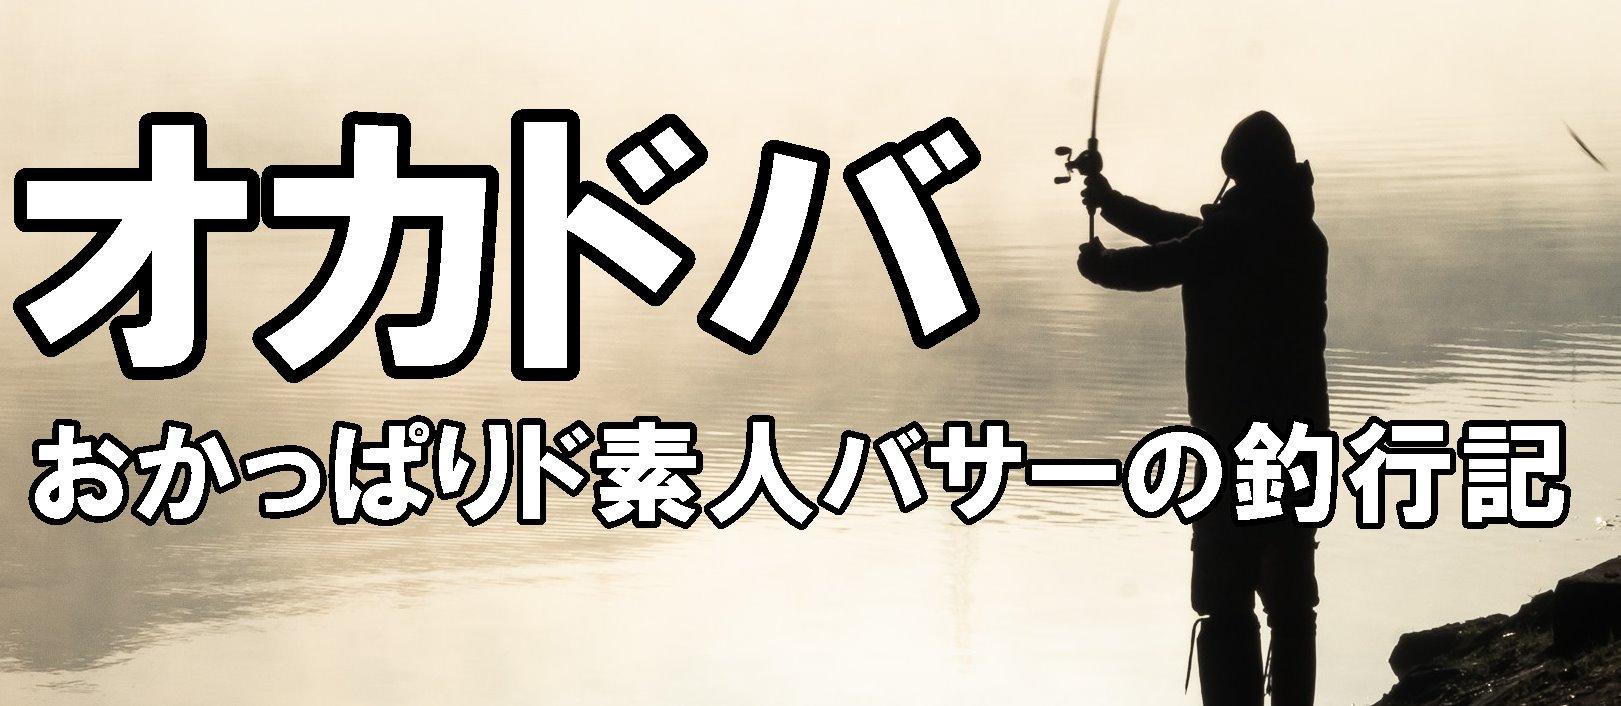 オカドバ ~おかっぱり専門ド素人バサーの釣行記~